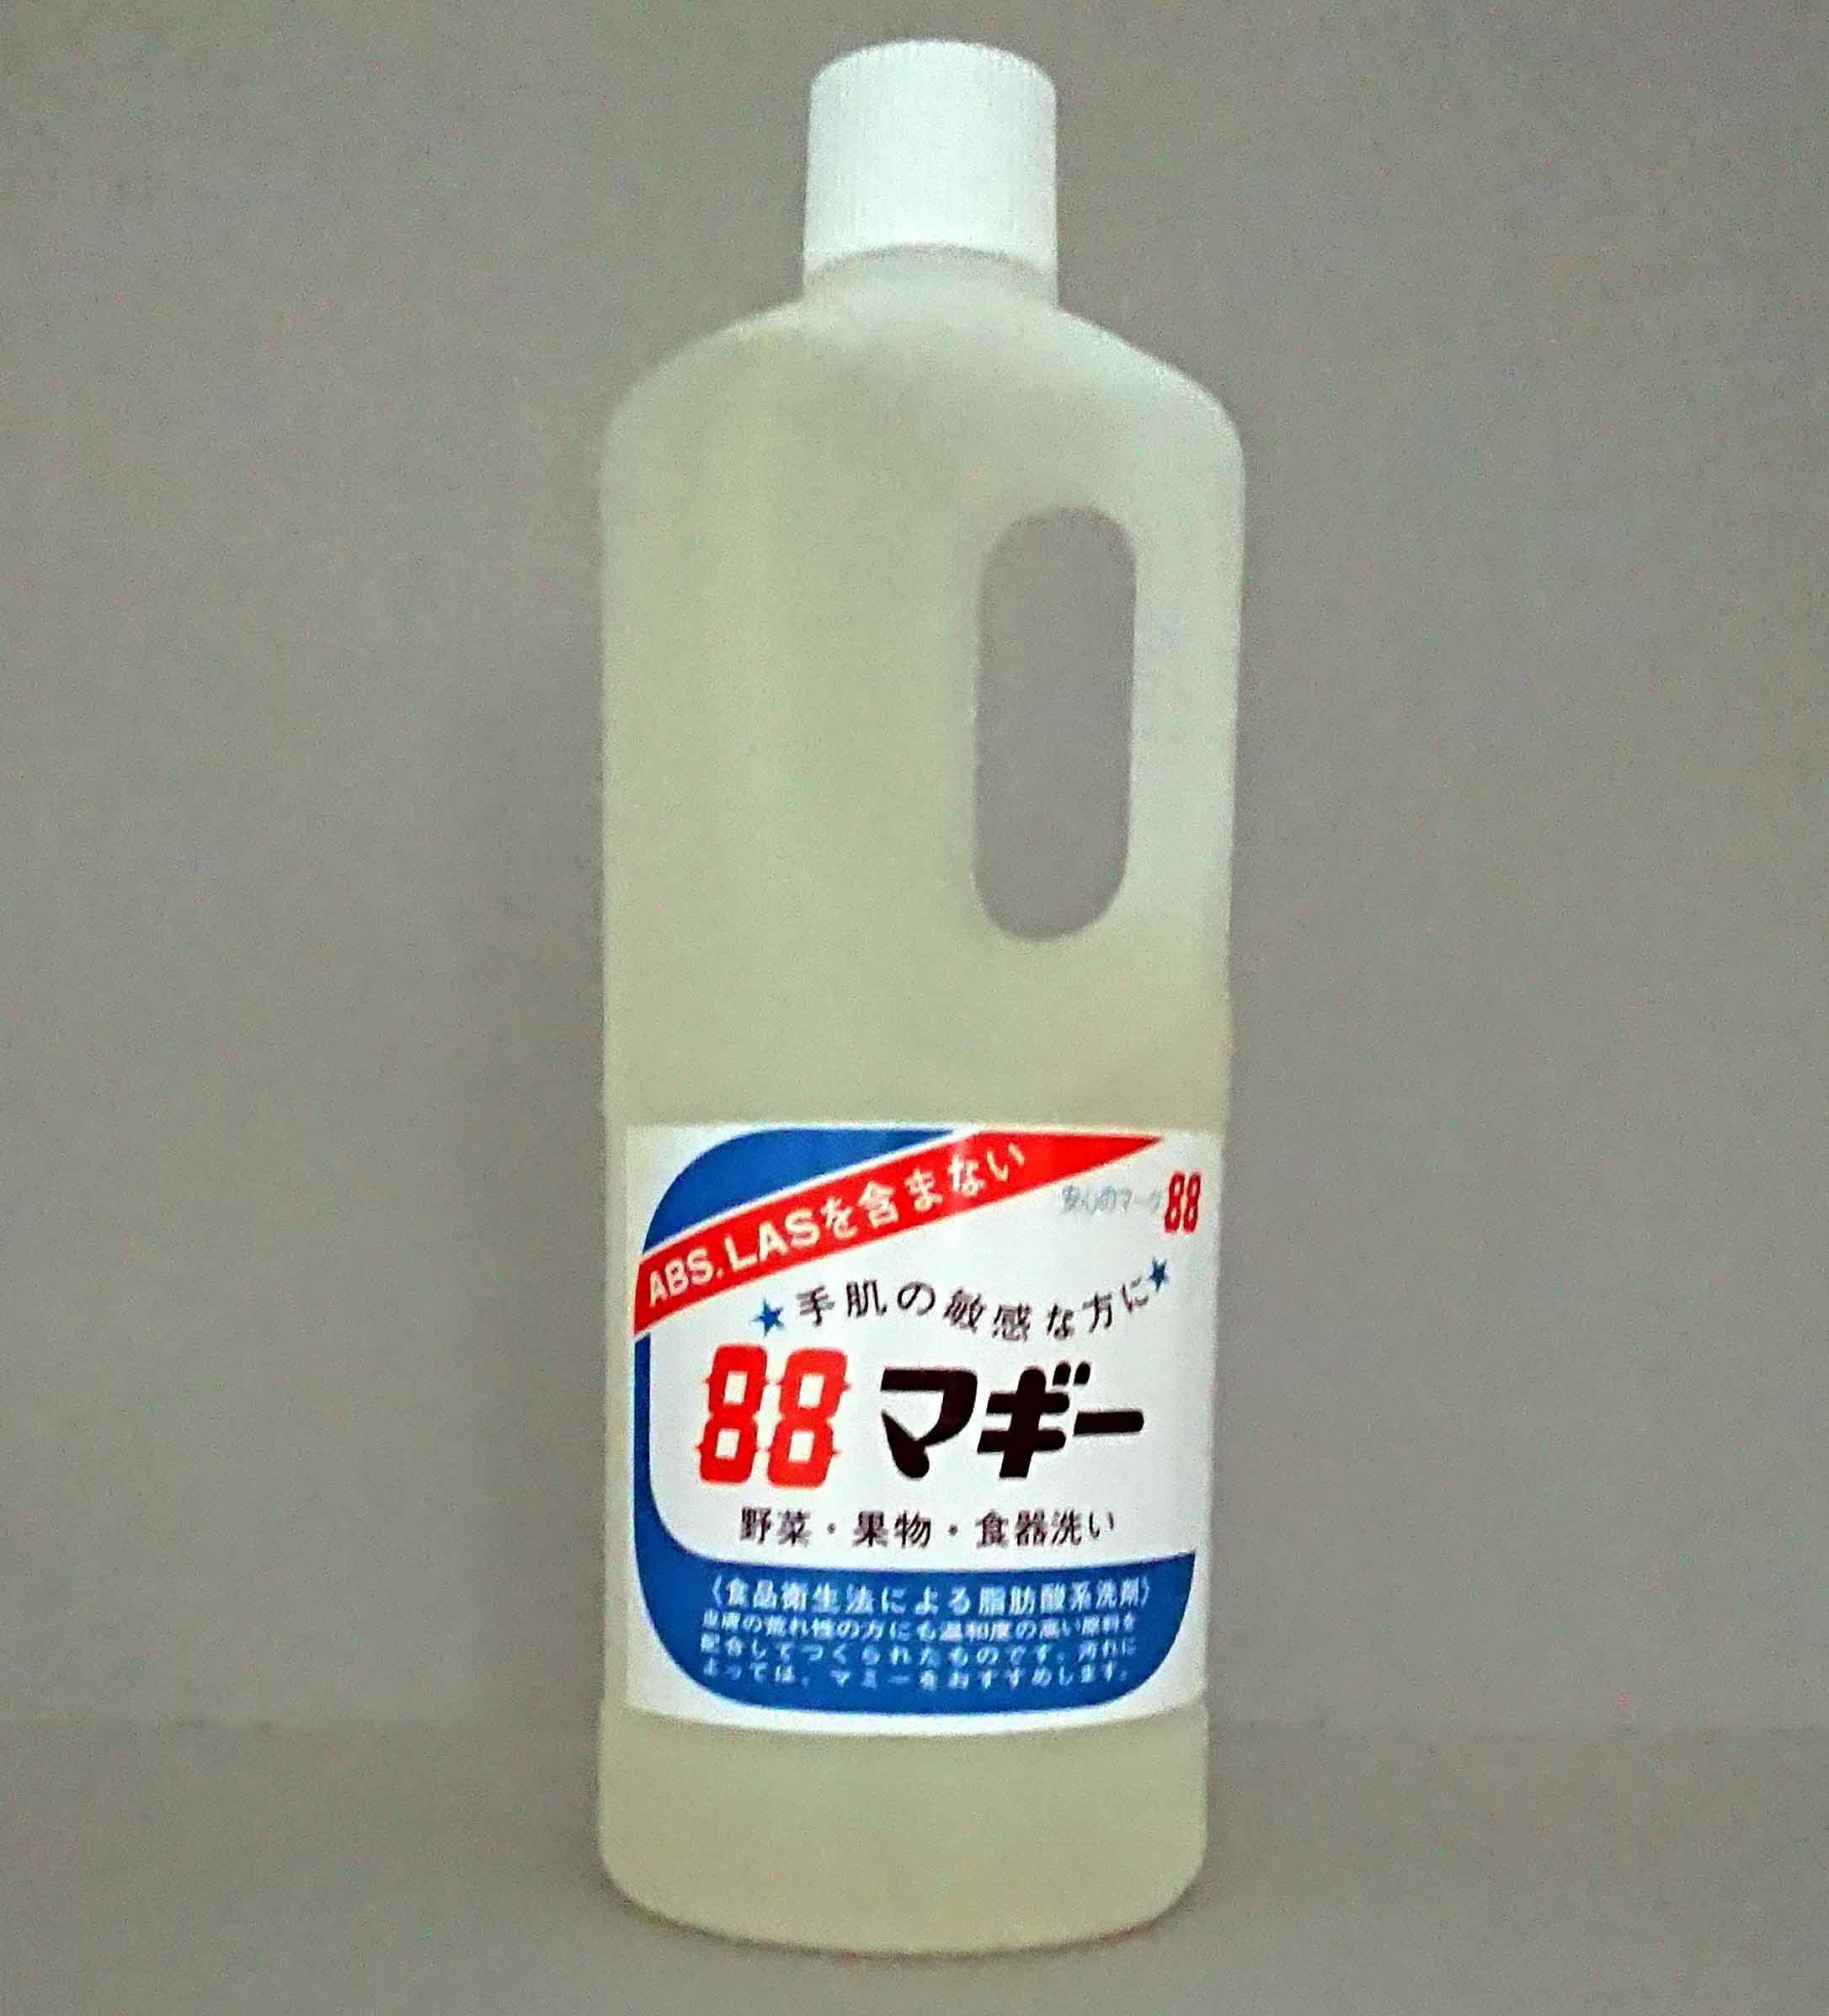 食器用液体洗剤です。食器用液体洗剤 マギー